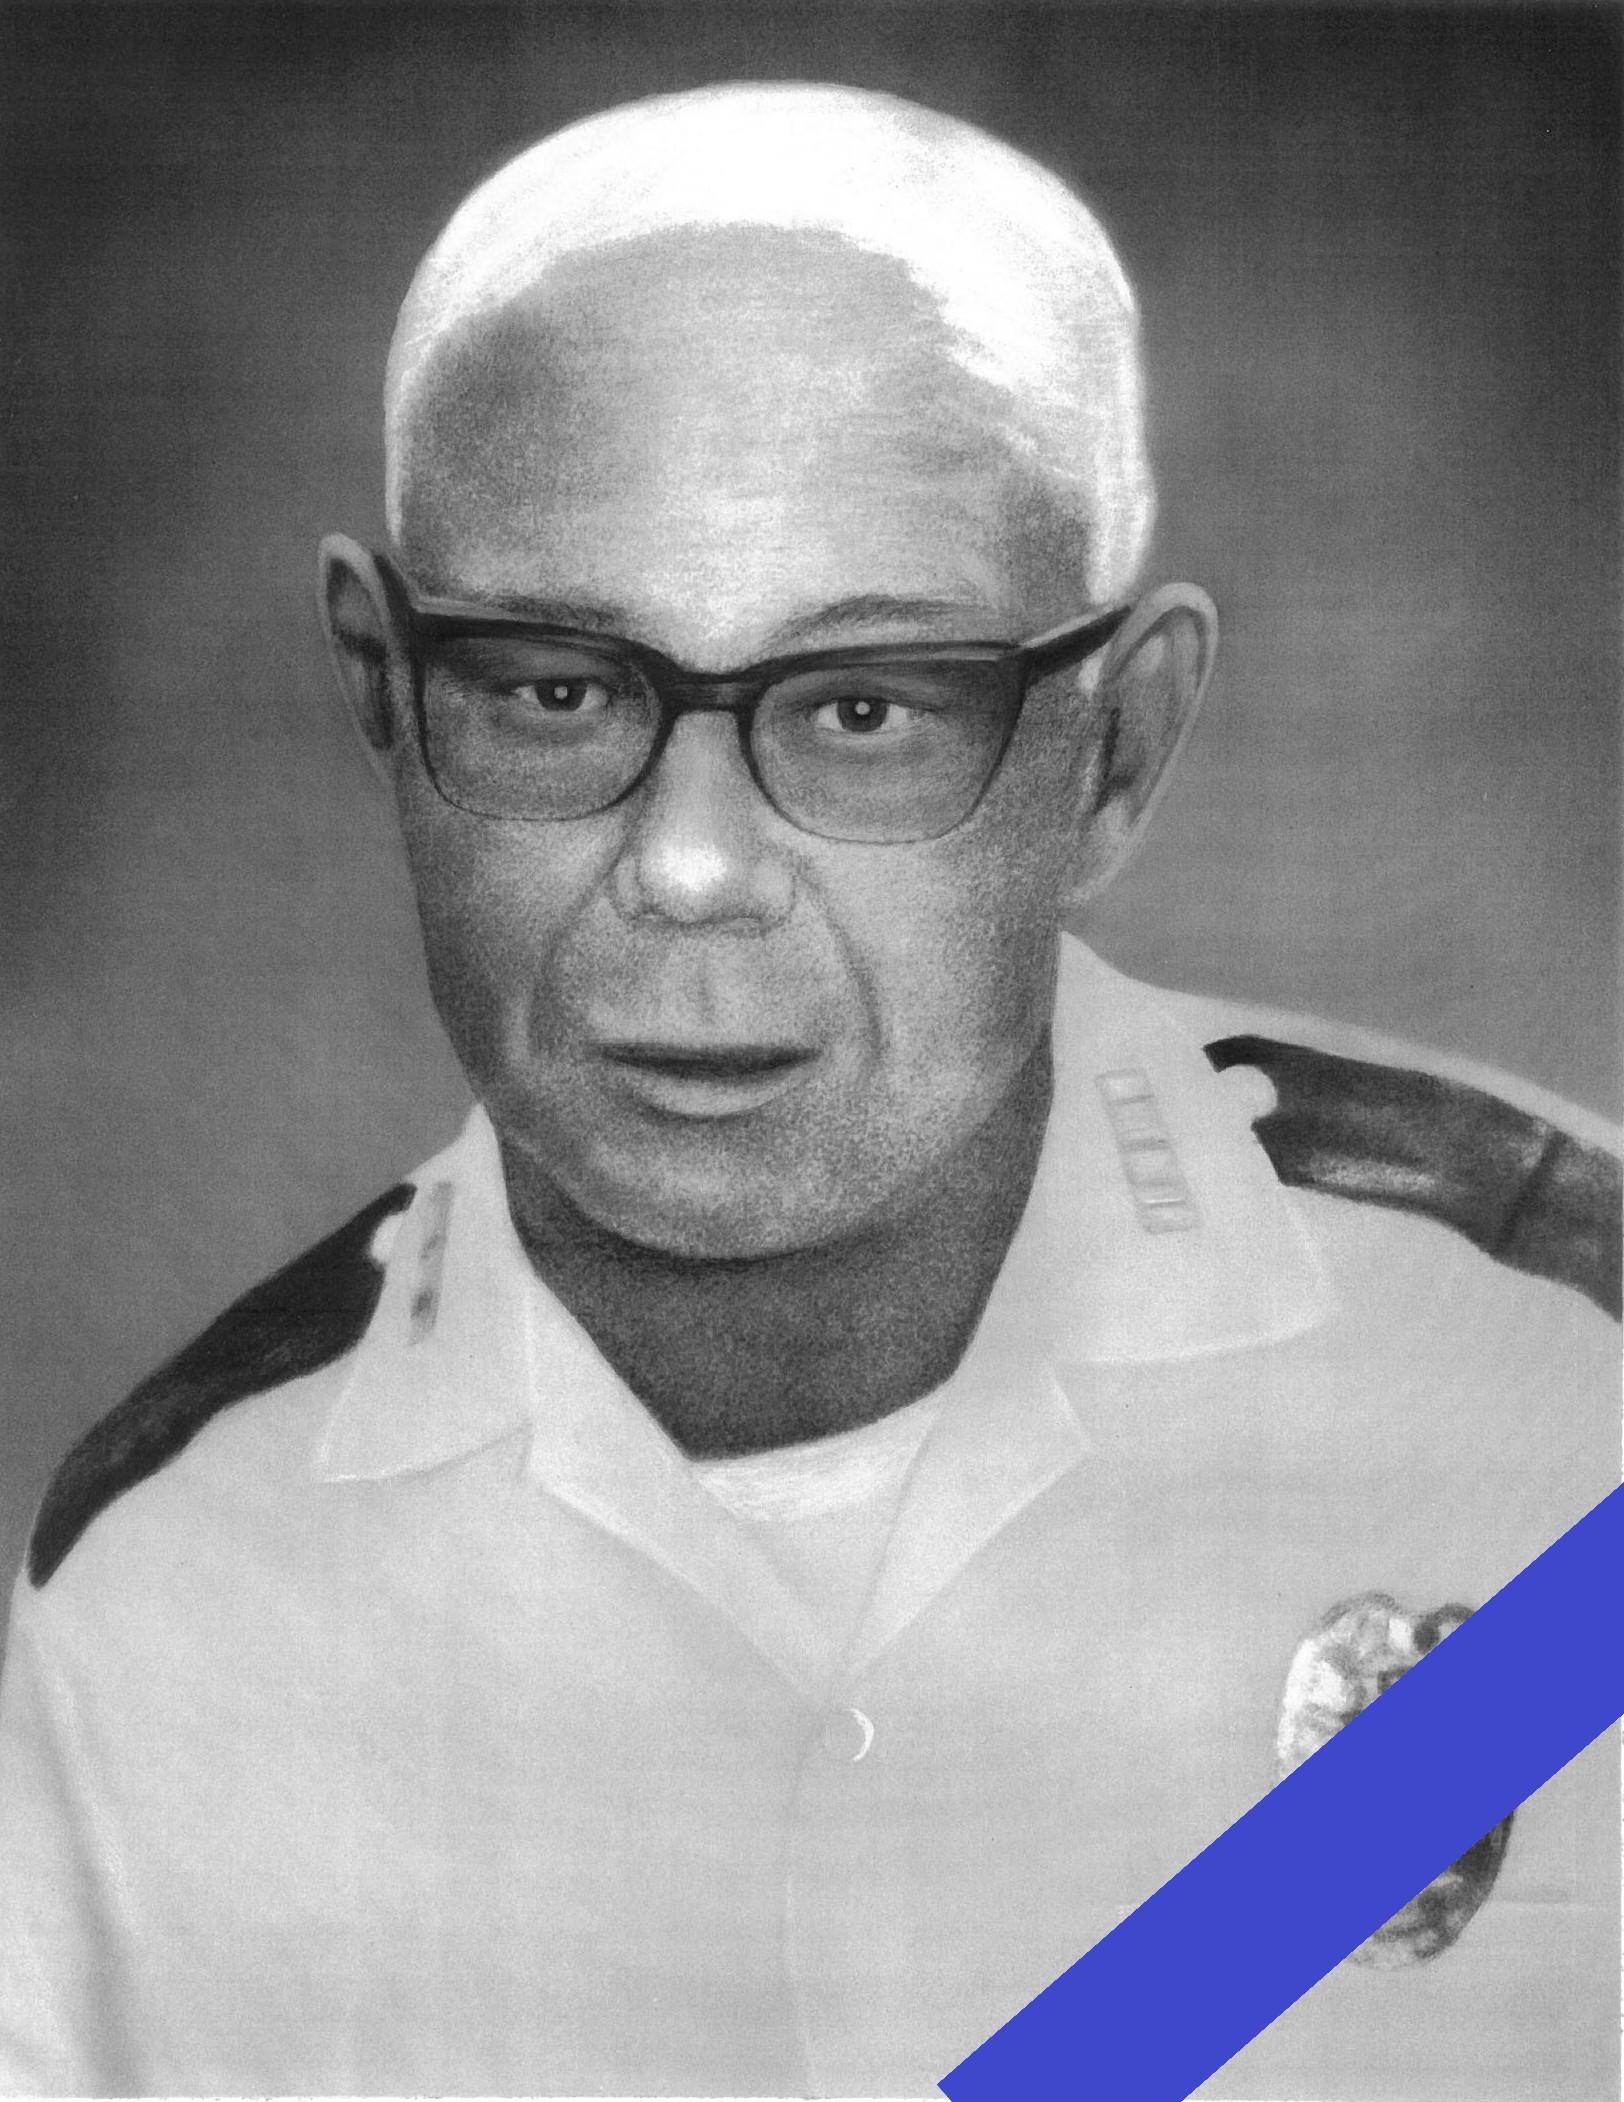 Walter E Tauscher